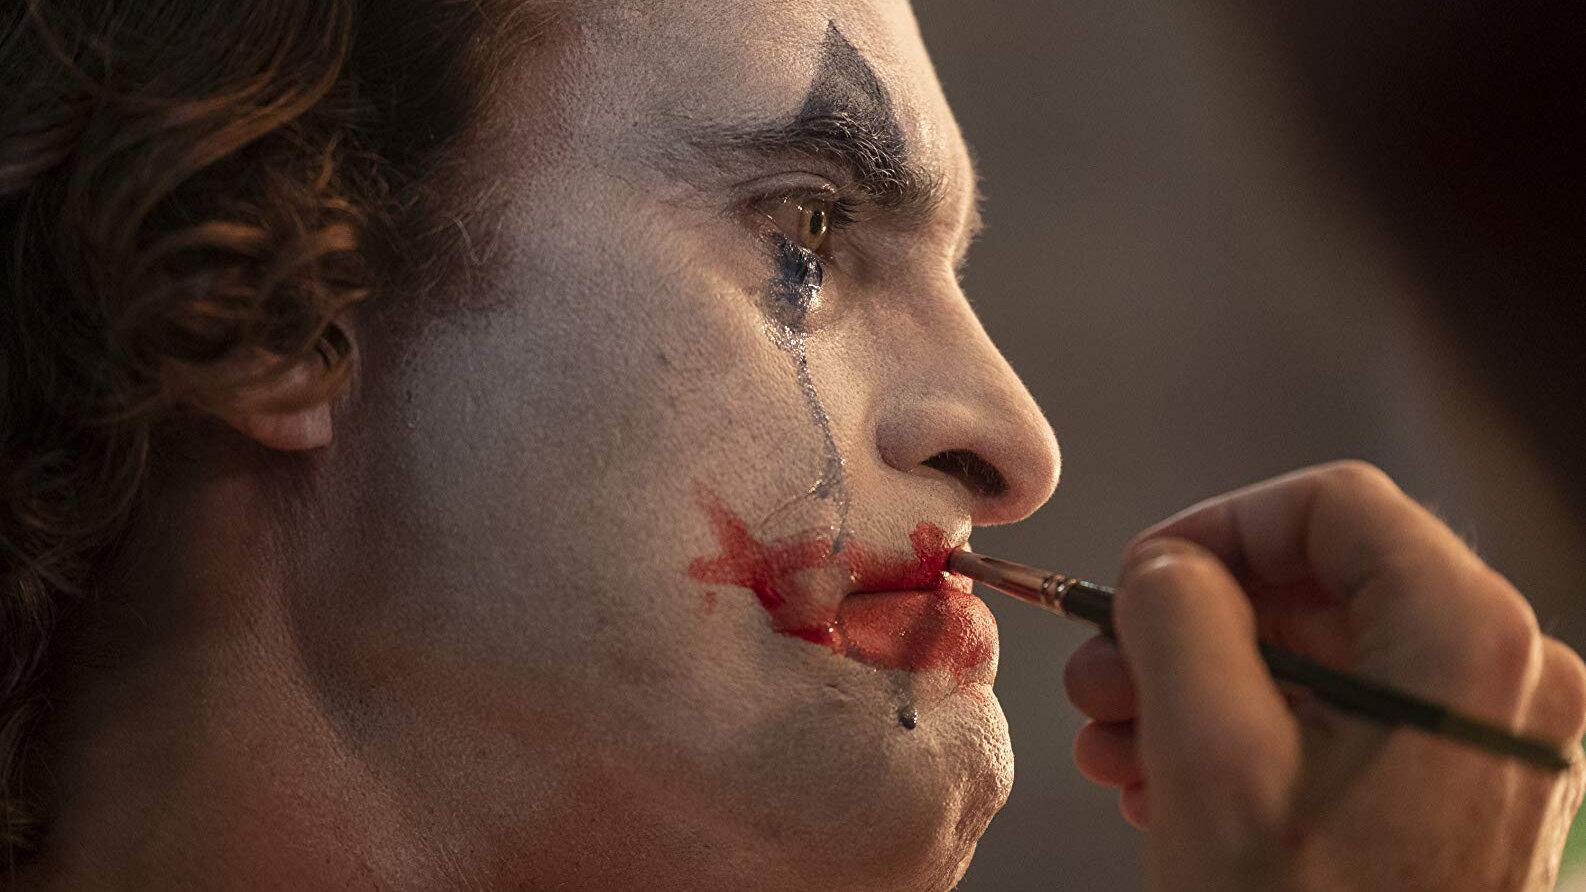 Joker Image #1.jpg